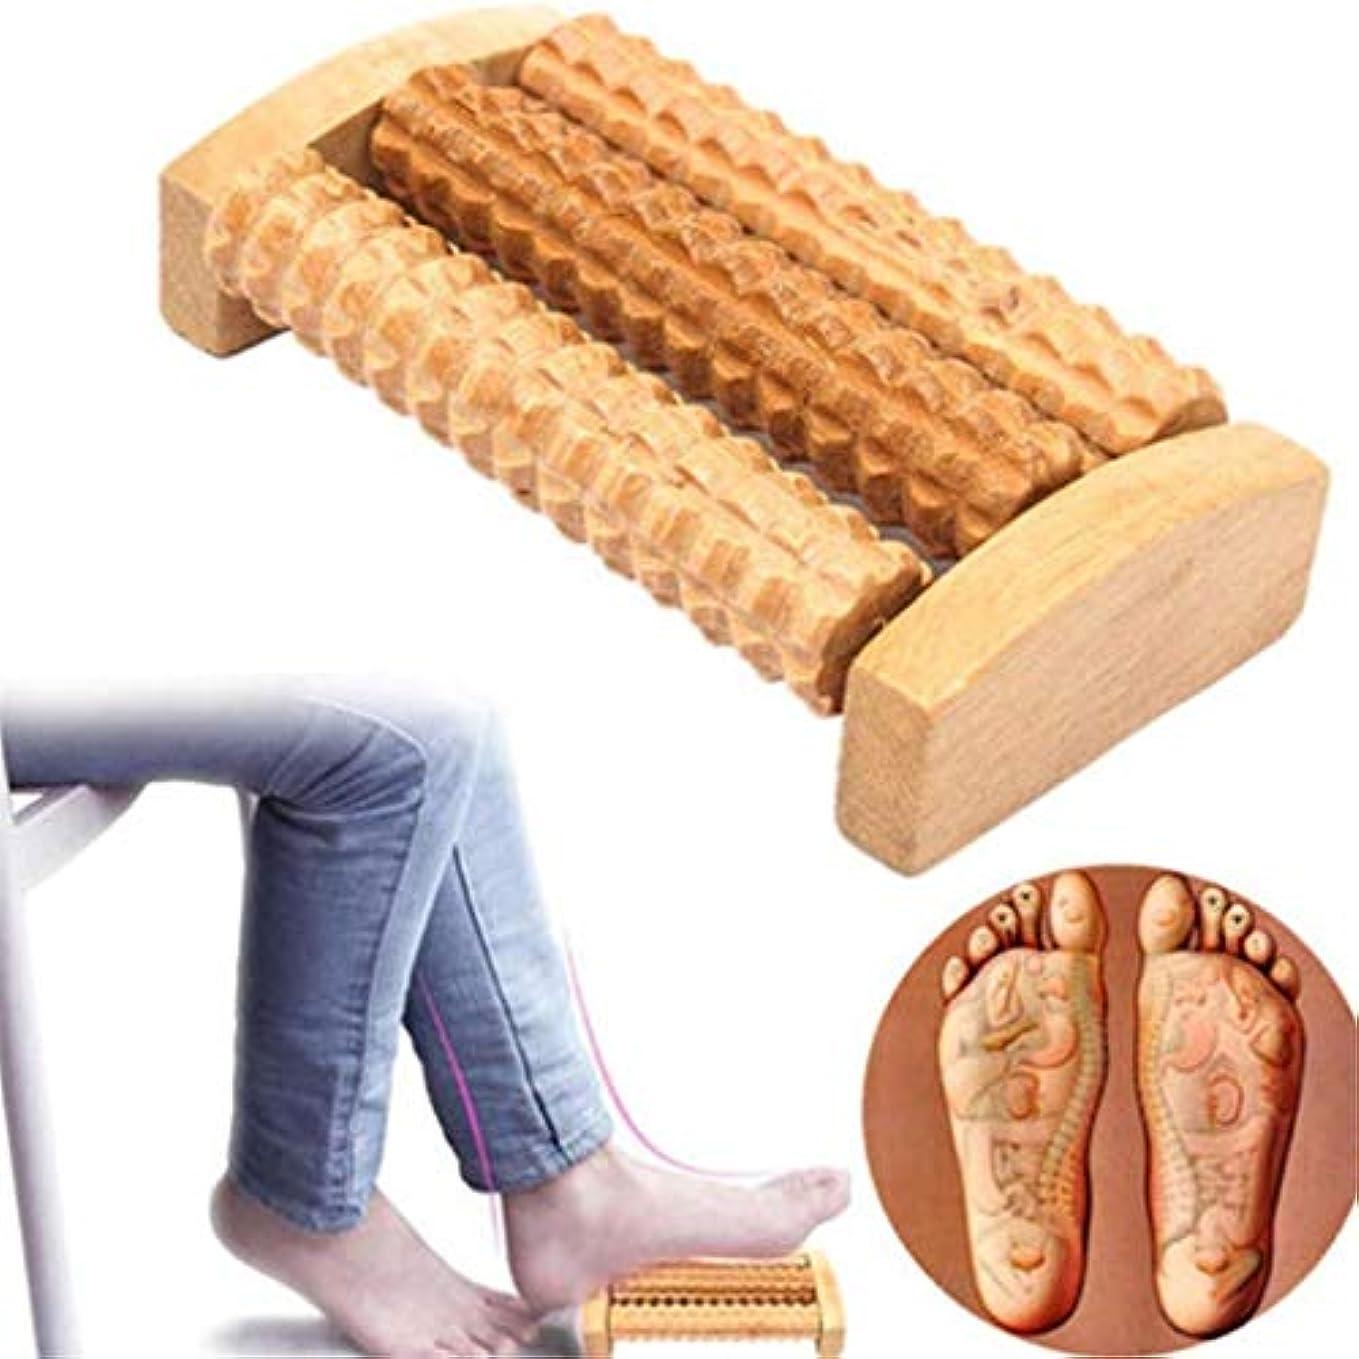 磁気ずらす更新するフットマッサージ、木製の伝統的なローラーマッサージ、電気なし、減圧とリラクゼーションセラピー、痛みを和らげ、血行を促進